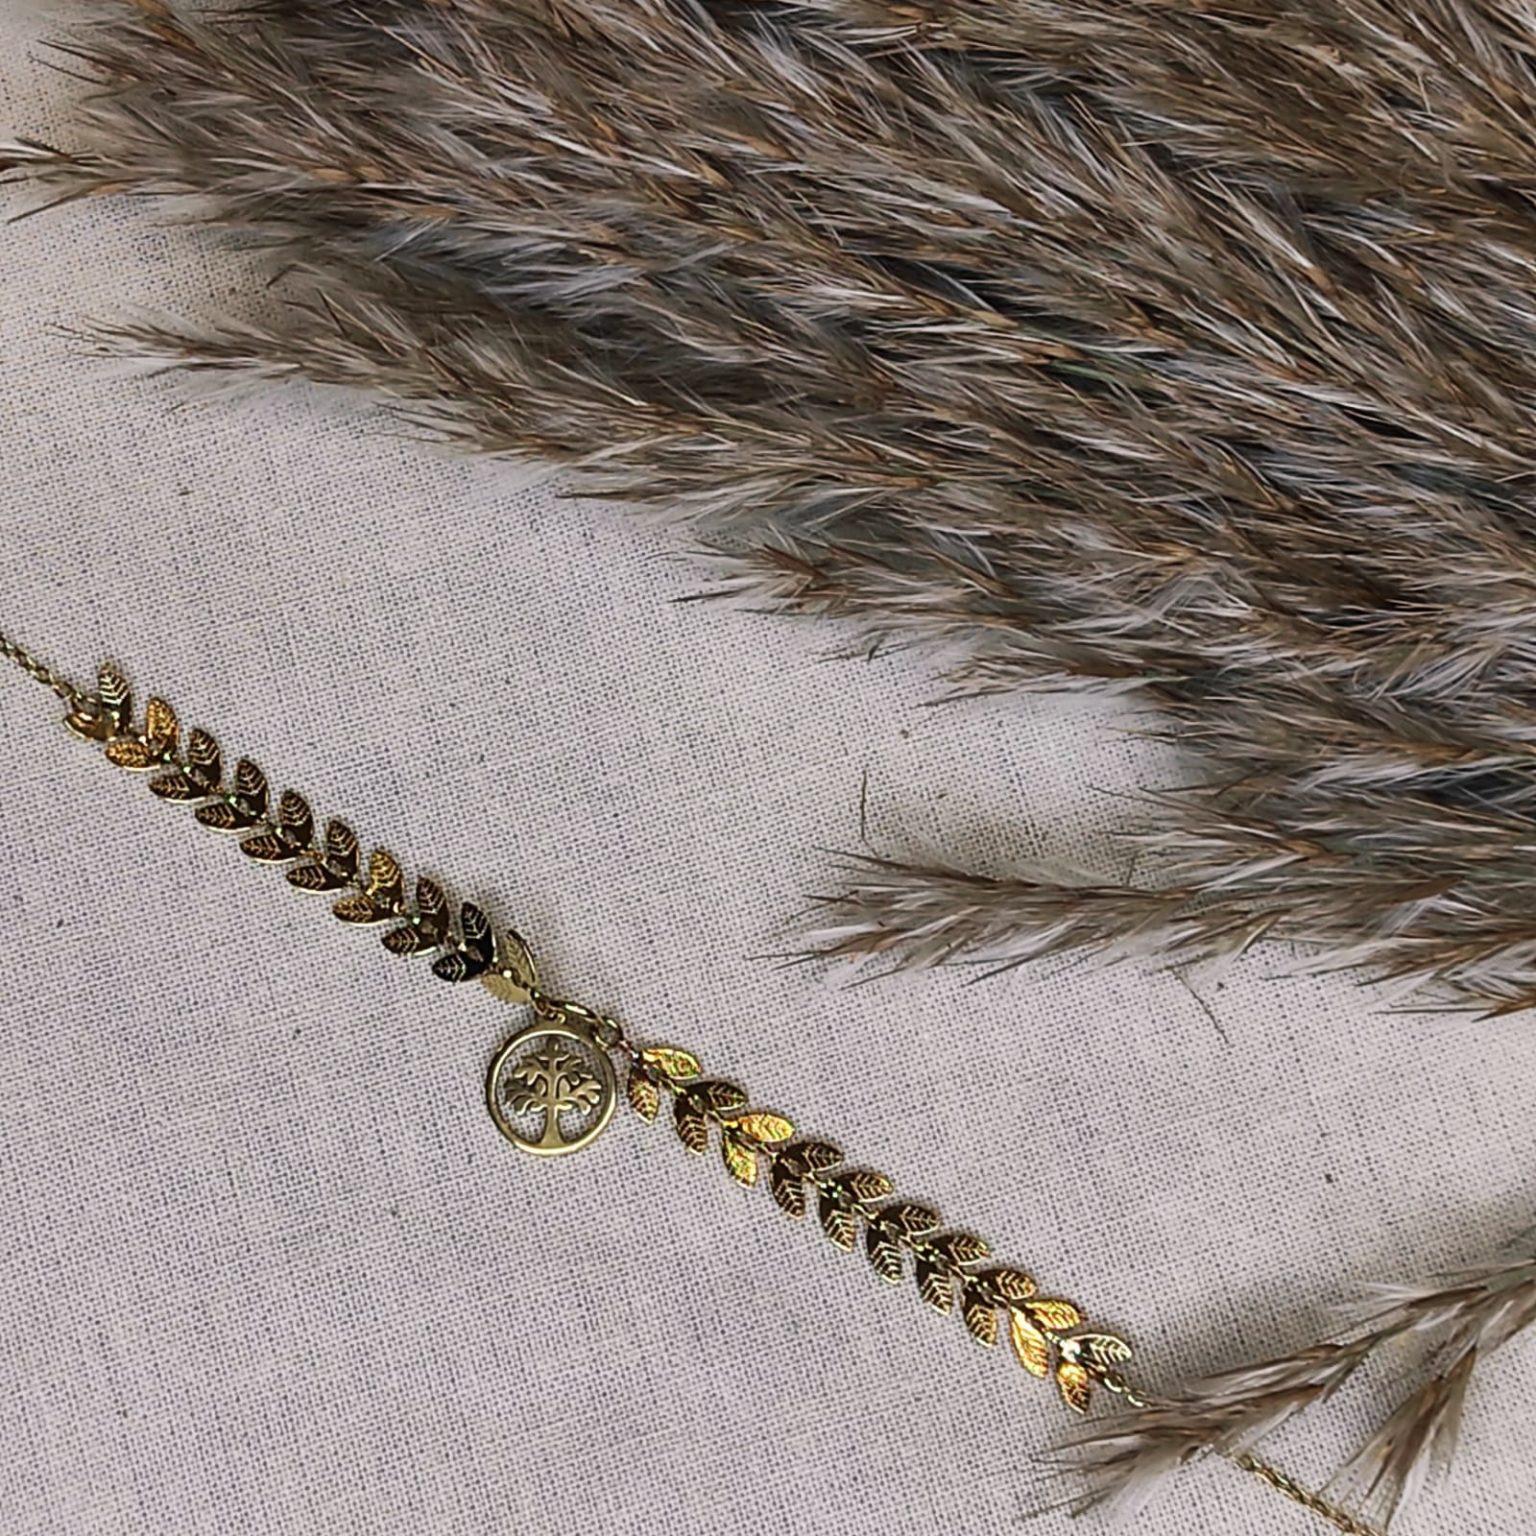 Bracelet charms arbre de vie et feuillage doré acier inoxydable